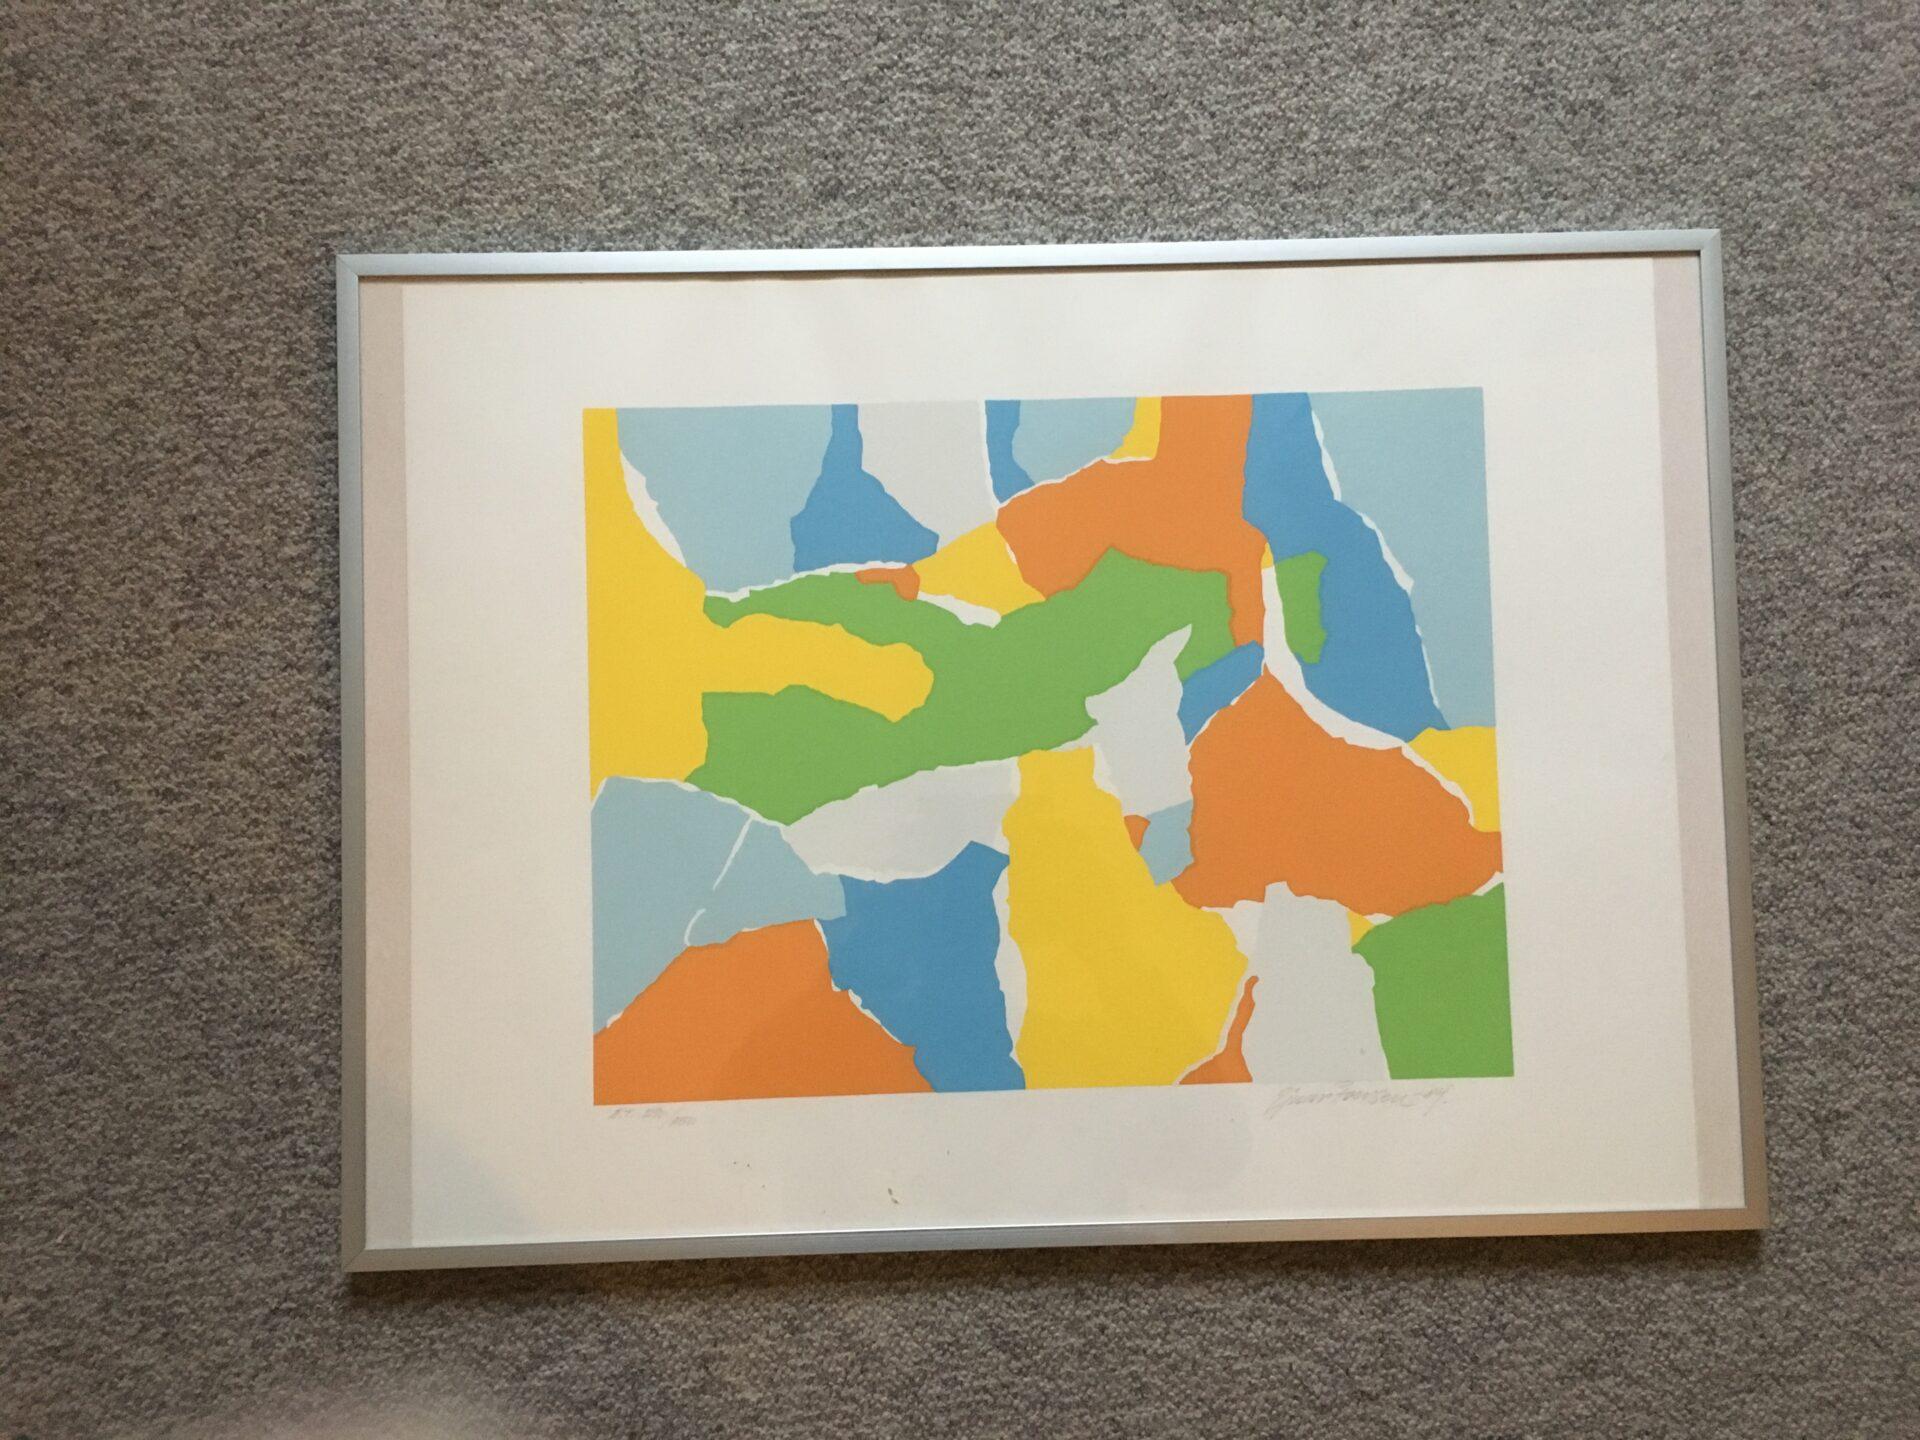 Ejnar Iversen Litografi, signeret i 84, Eget tryk, rammemål 50x70 cm, pris 300 kr